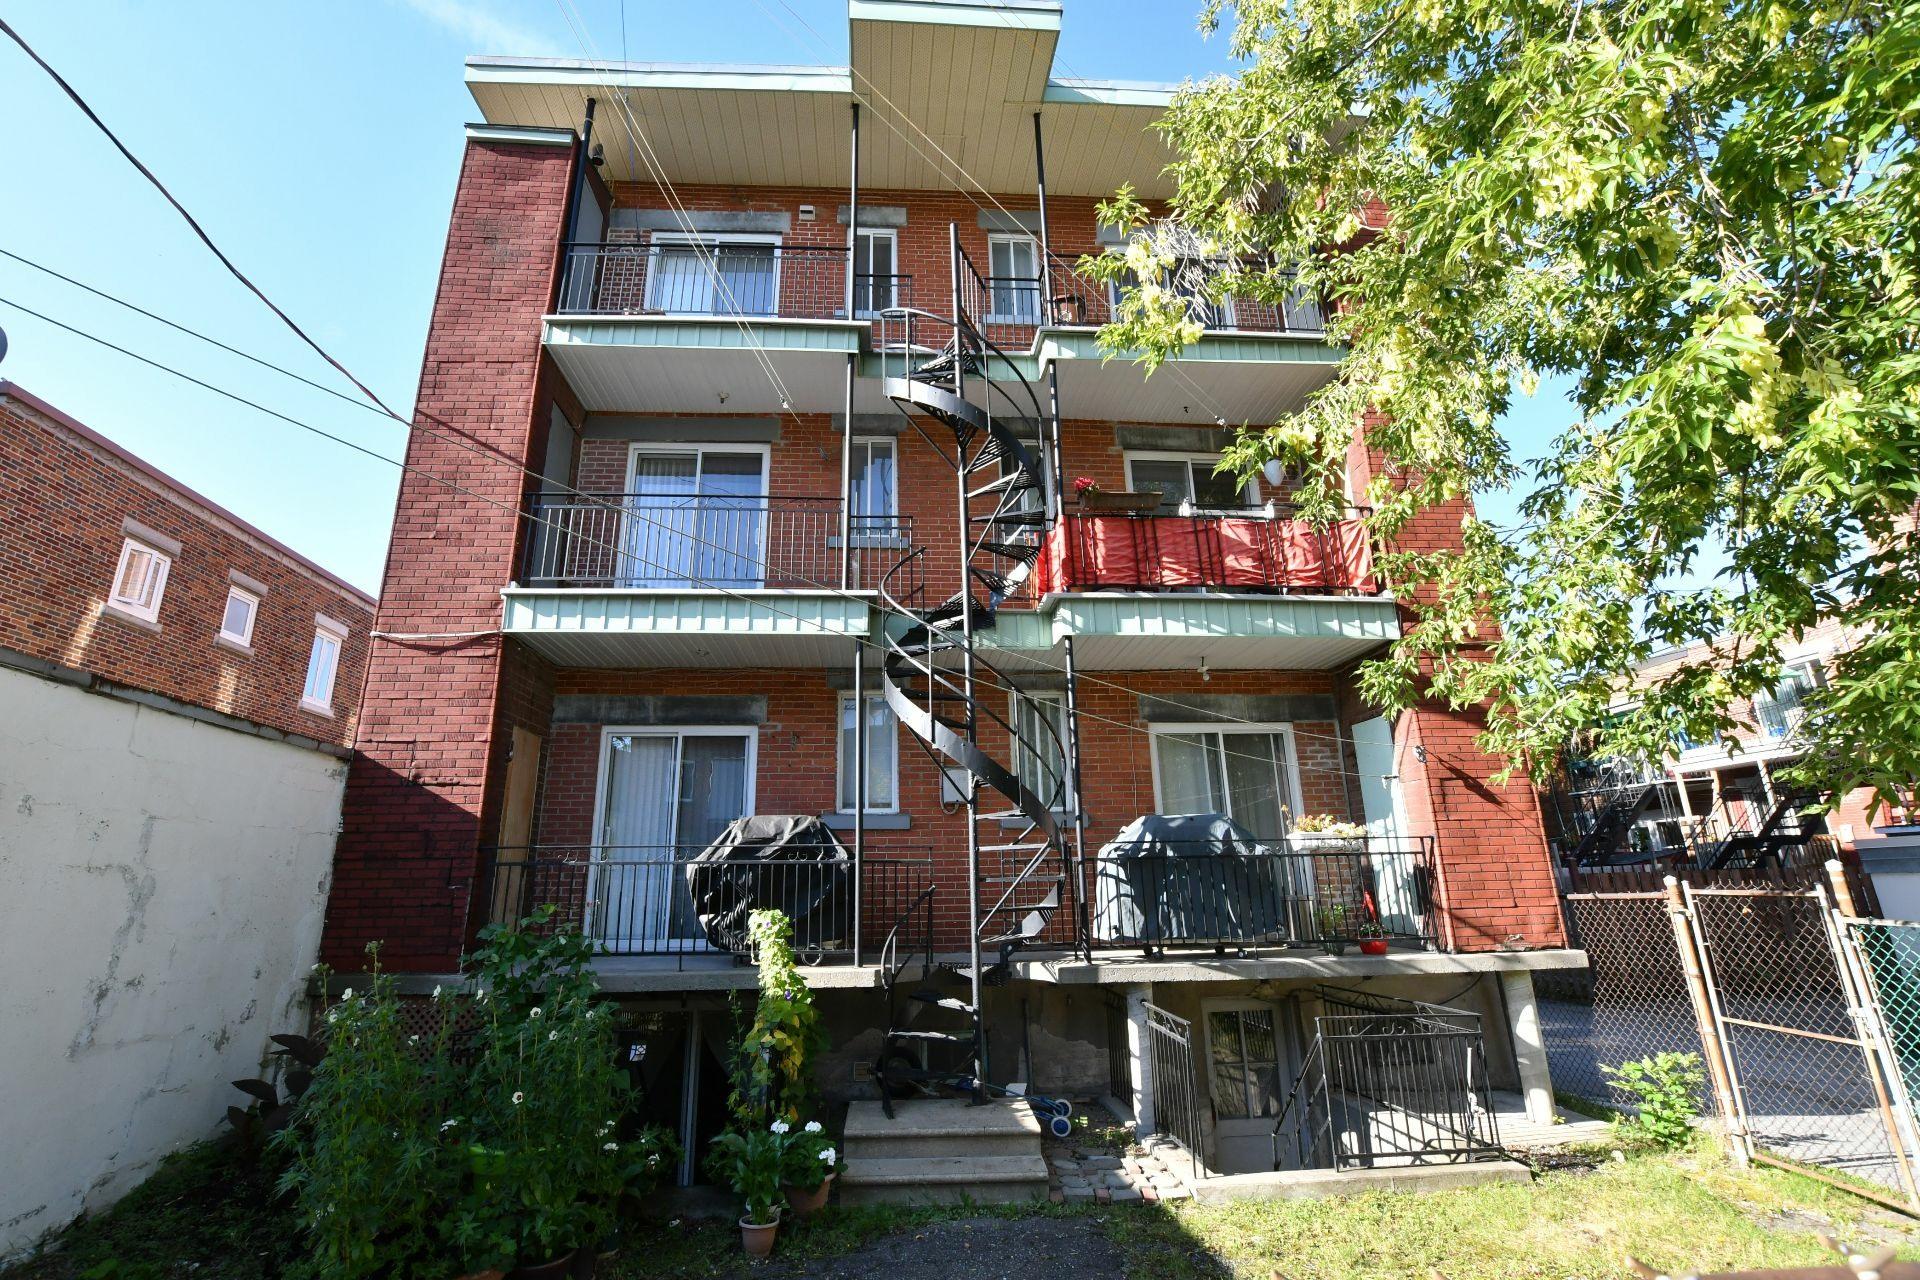 image 10 - Immeuble à revenus À vendre Villeray/Saint-Michel/Parc-Extension Montréal  - 4 pièces